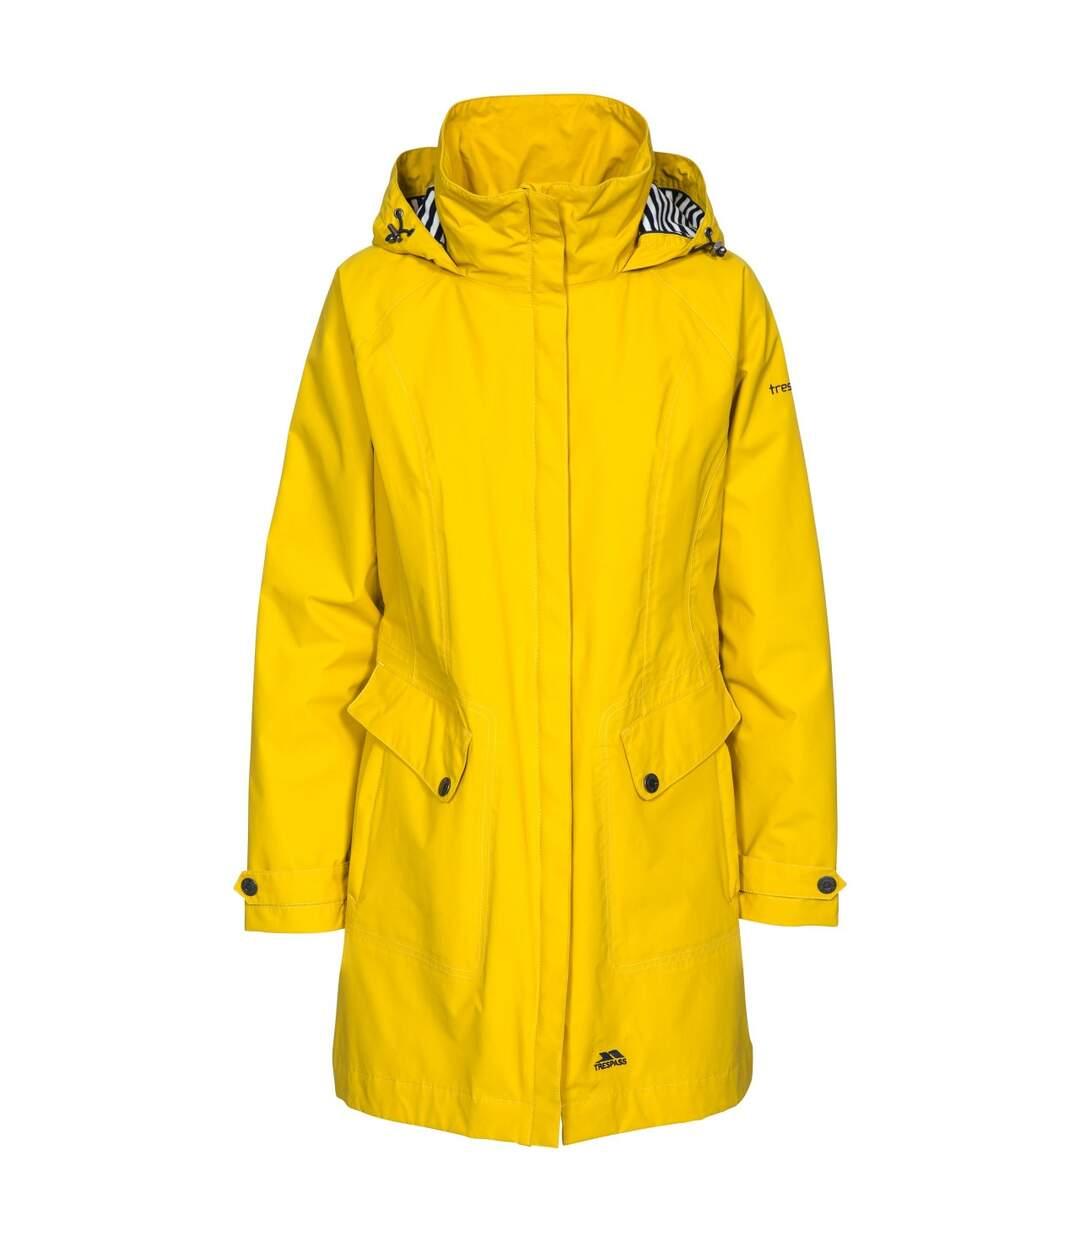 Trespass Womens/Ladies Rainy Day Waterproof Jacket (Ink) - UTTP3613